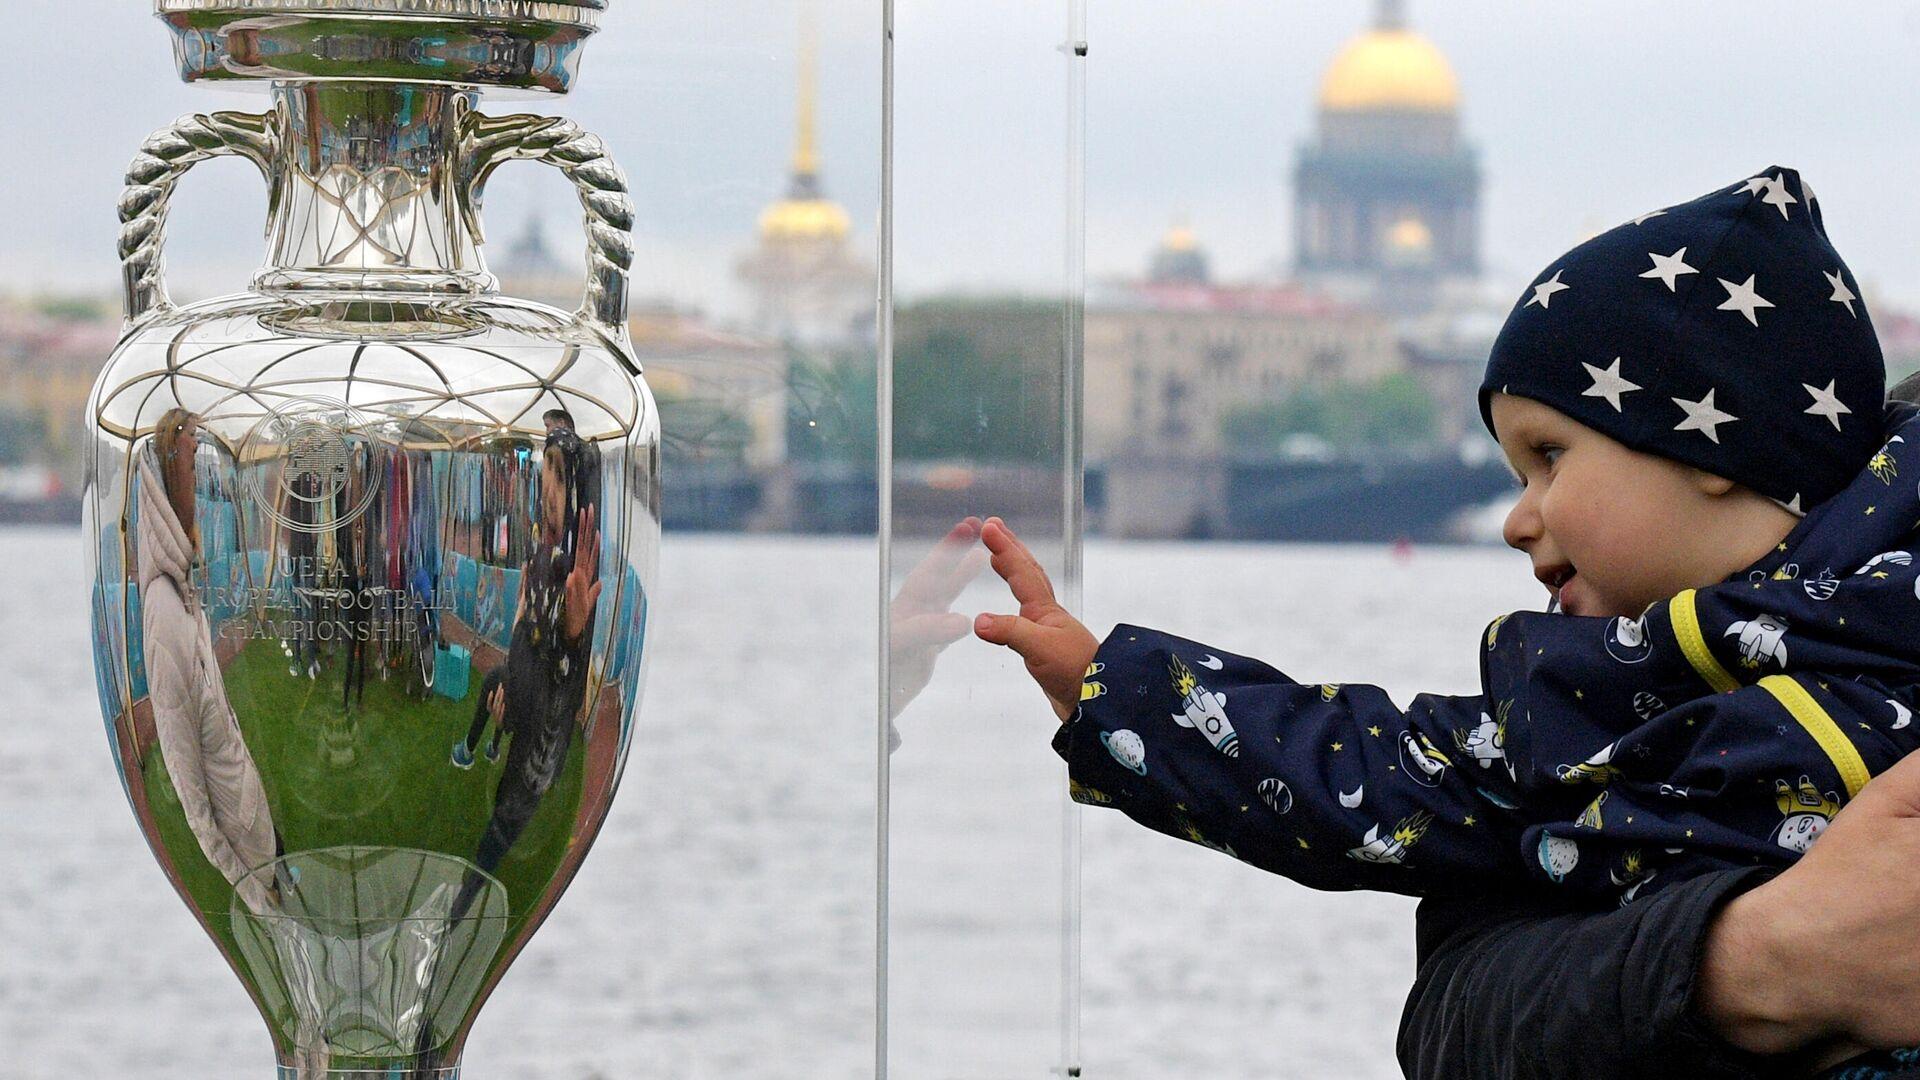 Ребенок рядом с кубком Европы по футболу, представленным в Санкт-Петербурге - Sputnik Латвия, 1920, 02.06.2021